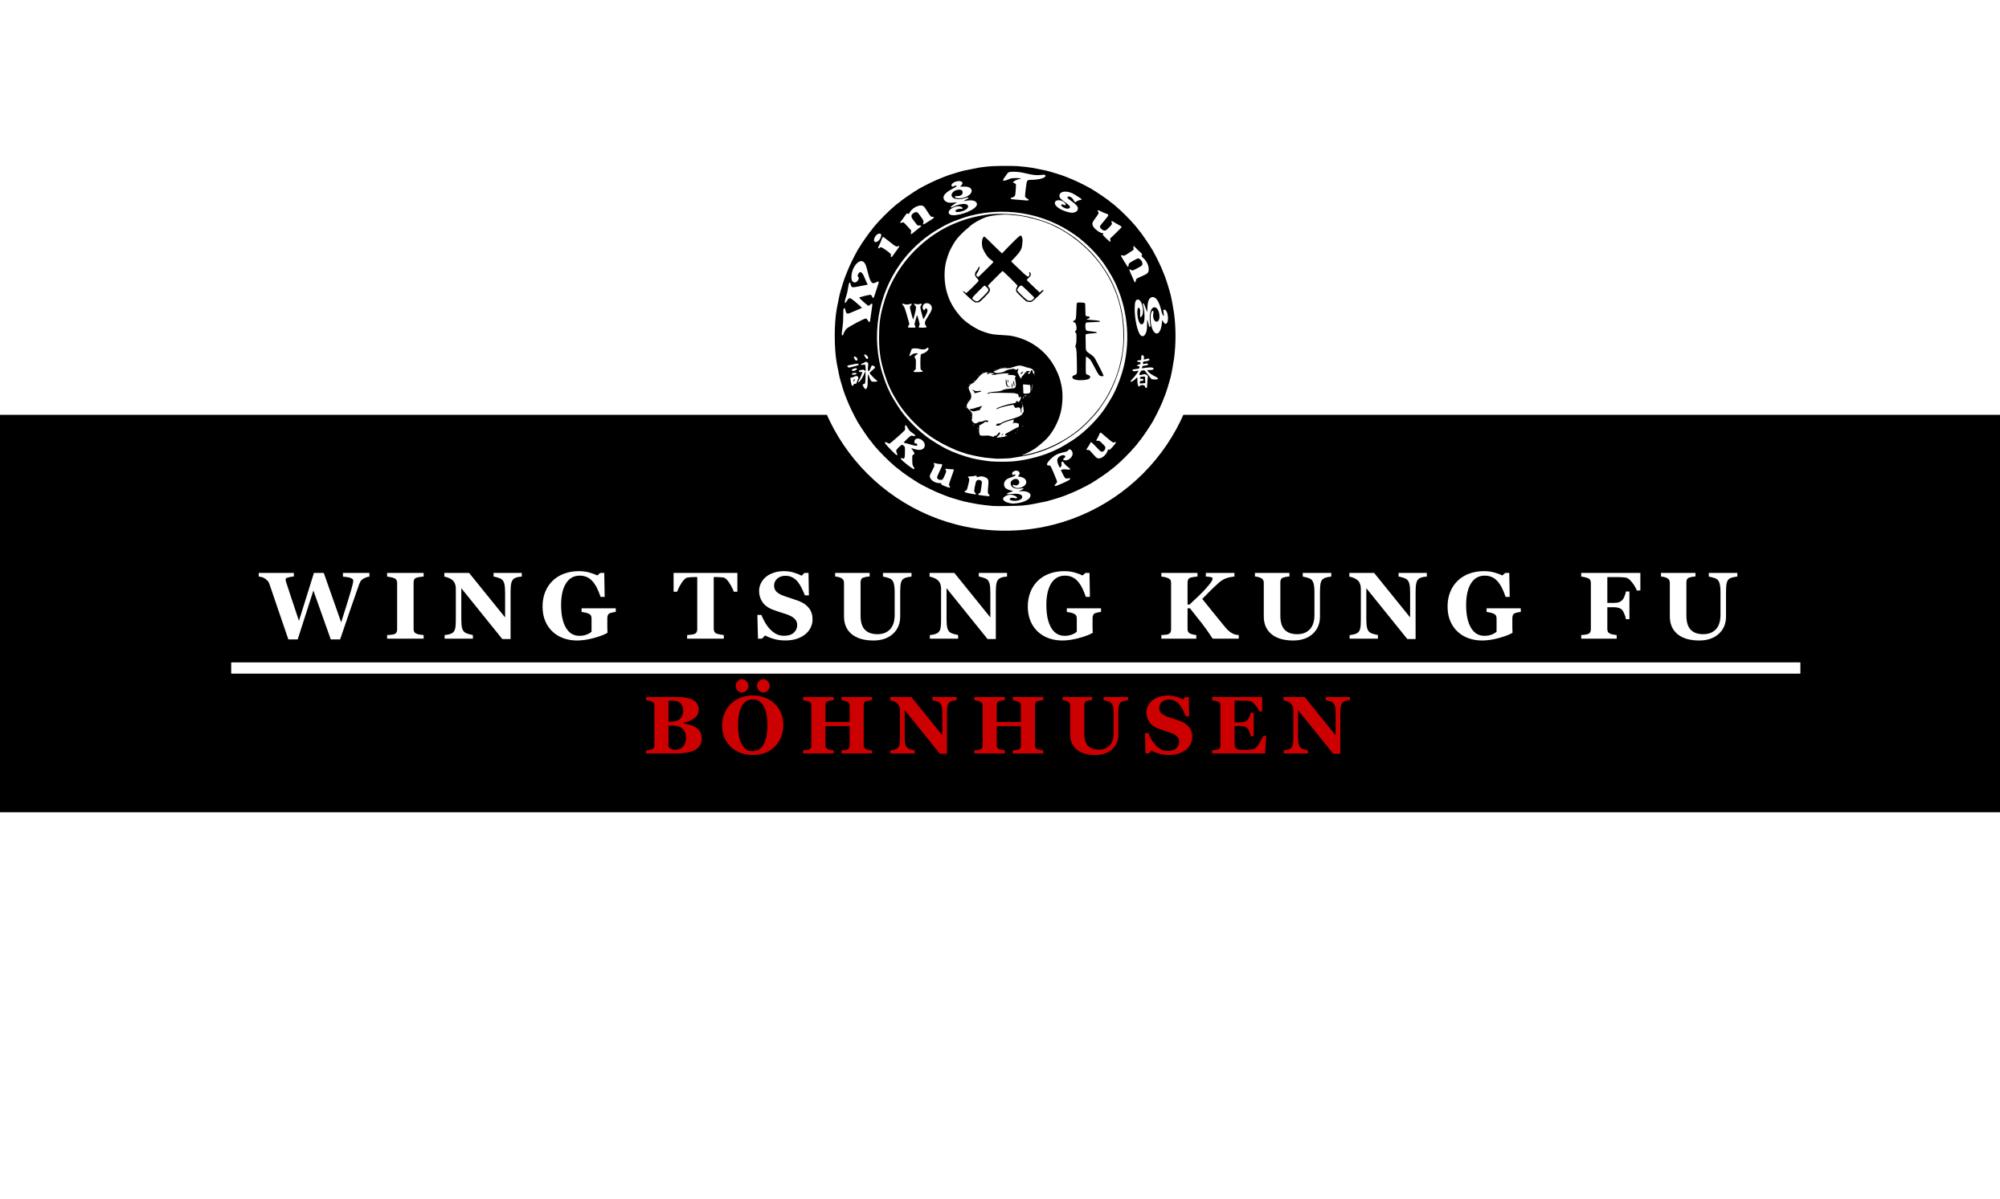 Wing Tsung Kung Fu